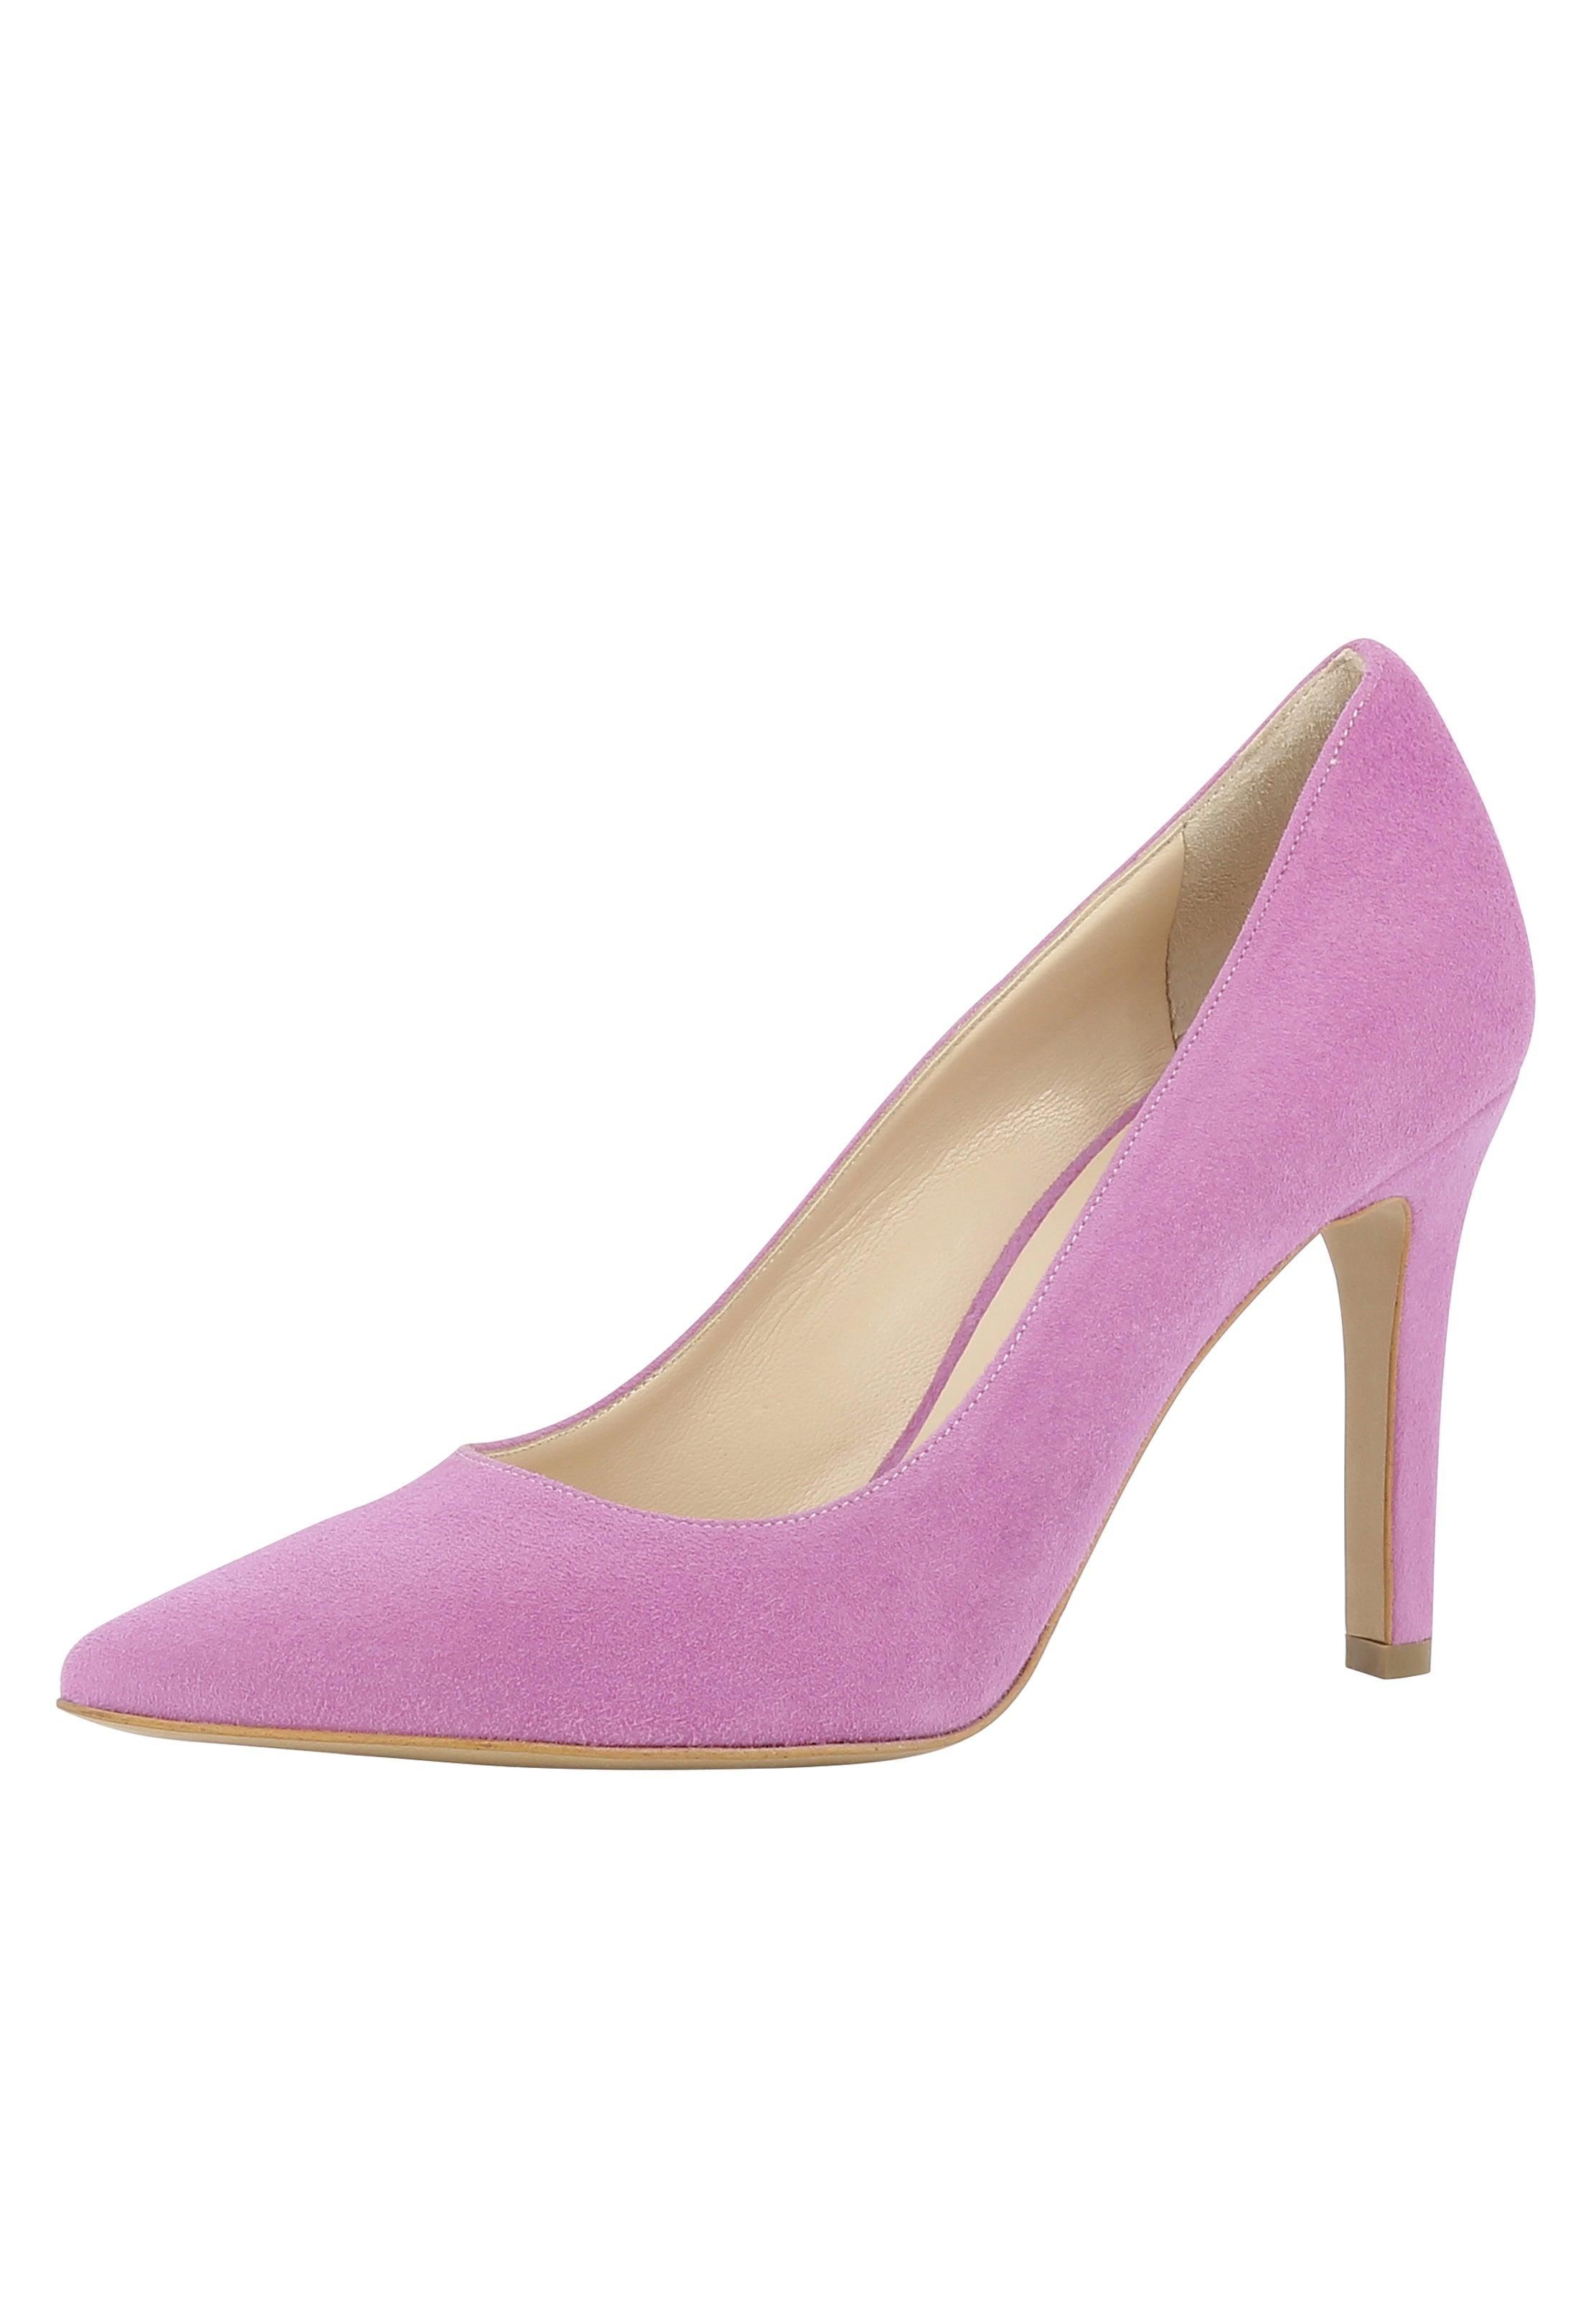 Haltbare Mode billige Schuhe EVITA | getragene Pumps 'ILARIA' Schuhe Gut getragene | Schuhe 3e5685